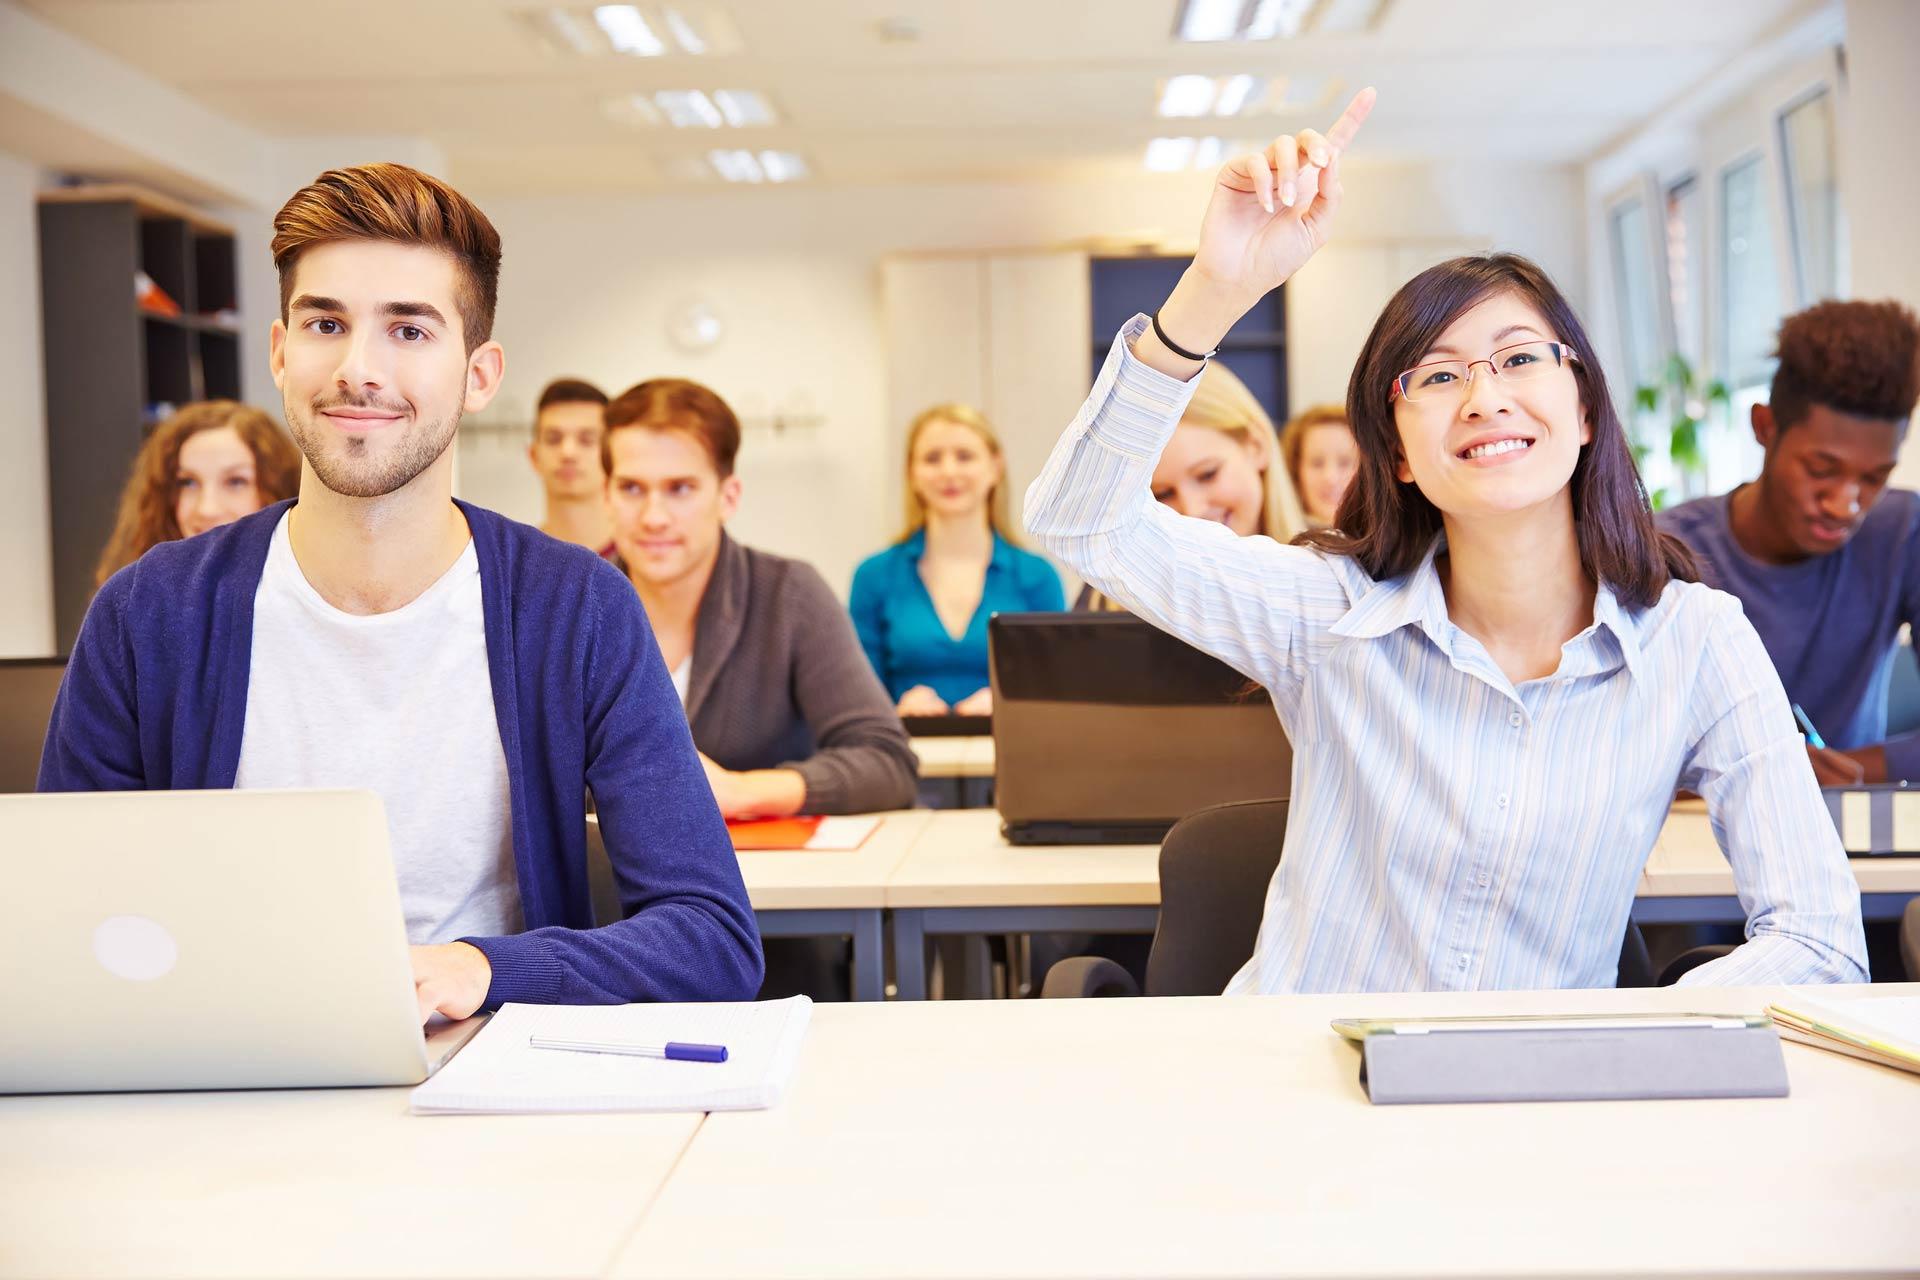 دوره آموزش زبان برای کارکنان